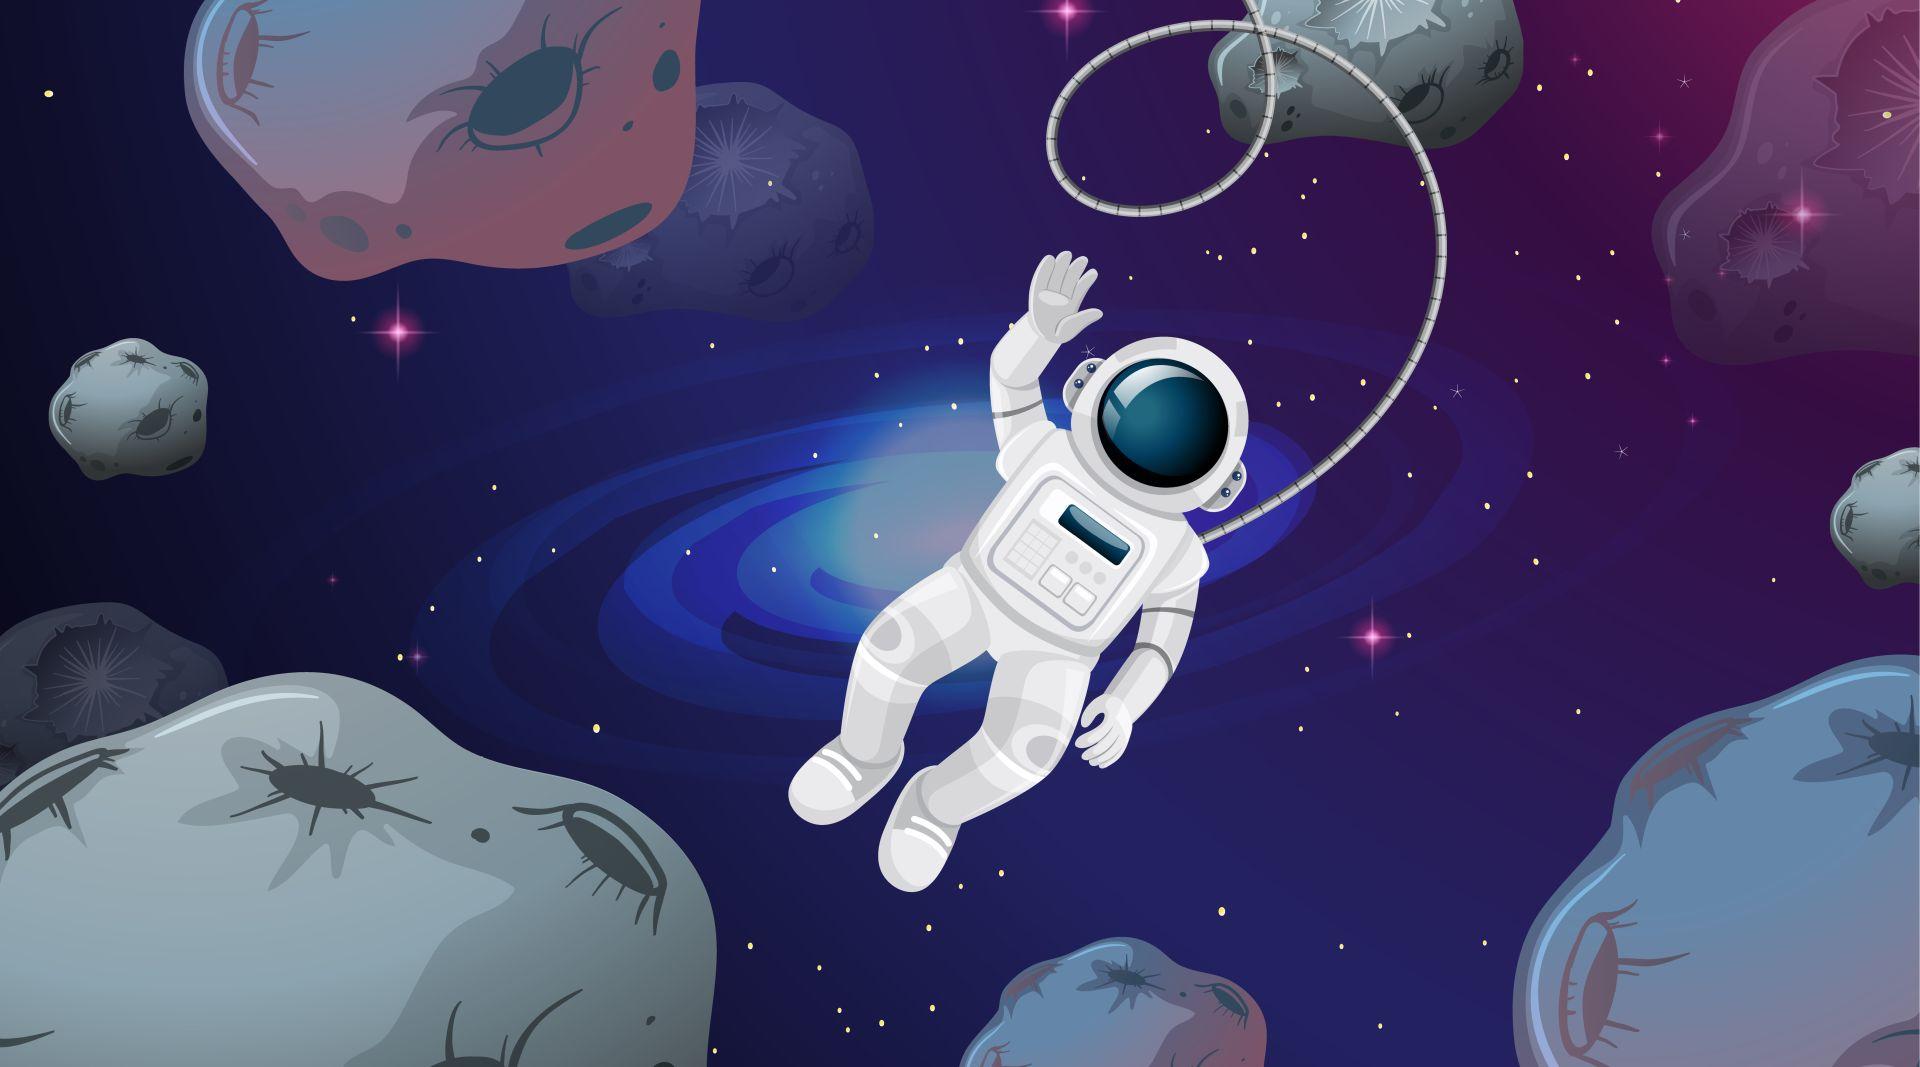 Astronaut in asteroid scene illustration